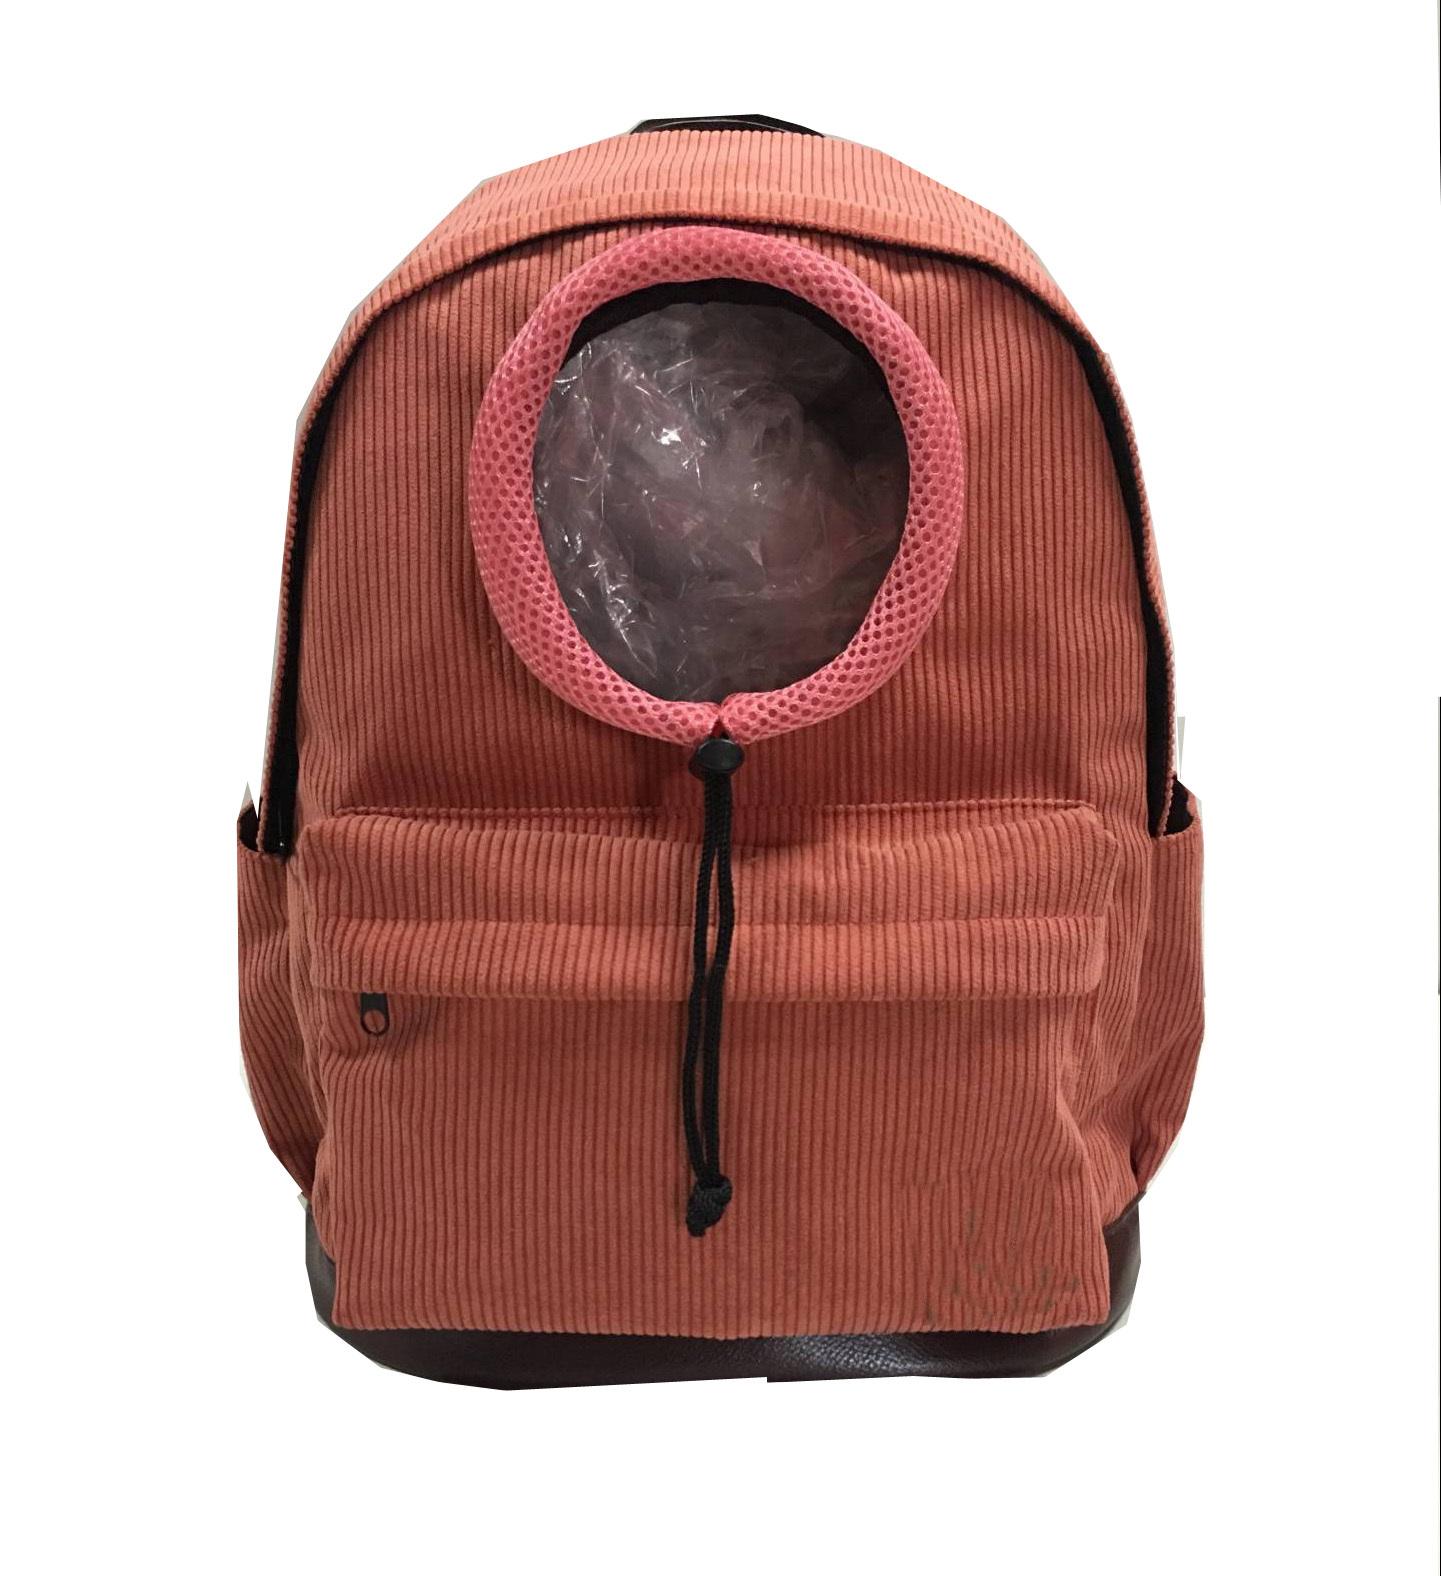 Fashion Carrier Cat Dog Travel Pet Bag Backpack